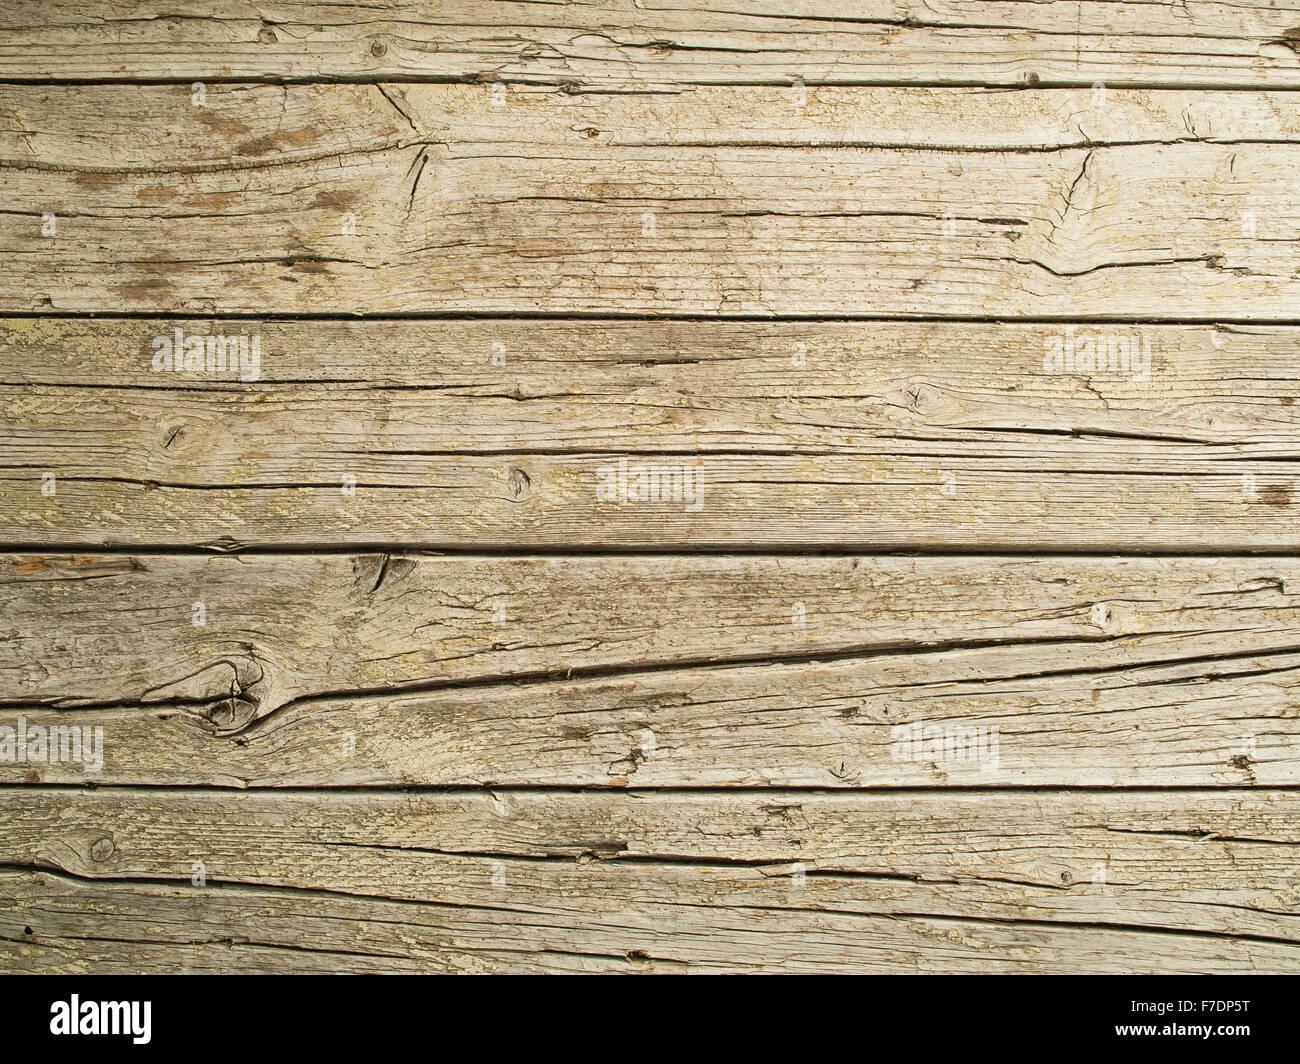 Holzstruktur hintergrund holzbrett k rner alten fu boden - Holz hartegrade tabelle ...